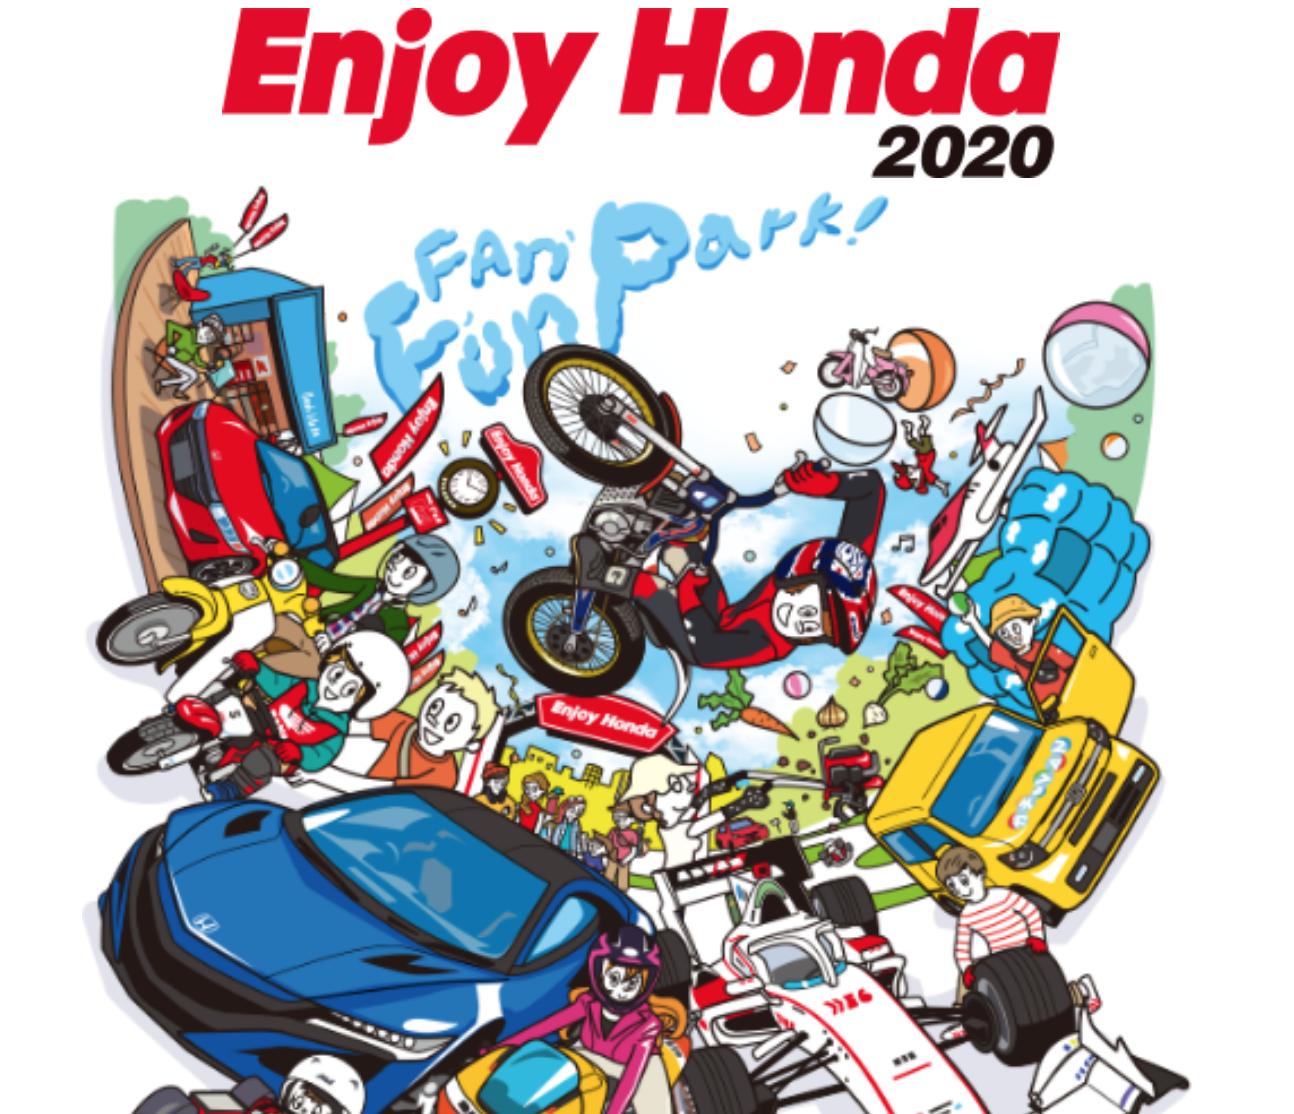 中止:Enjoy Honda 2020 スポーツランドSUGO(エンジョイ ホンダ2020)